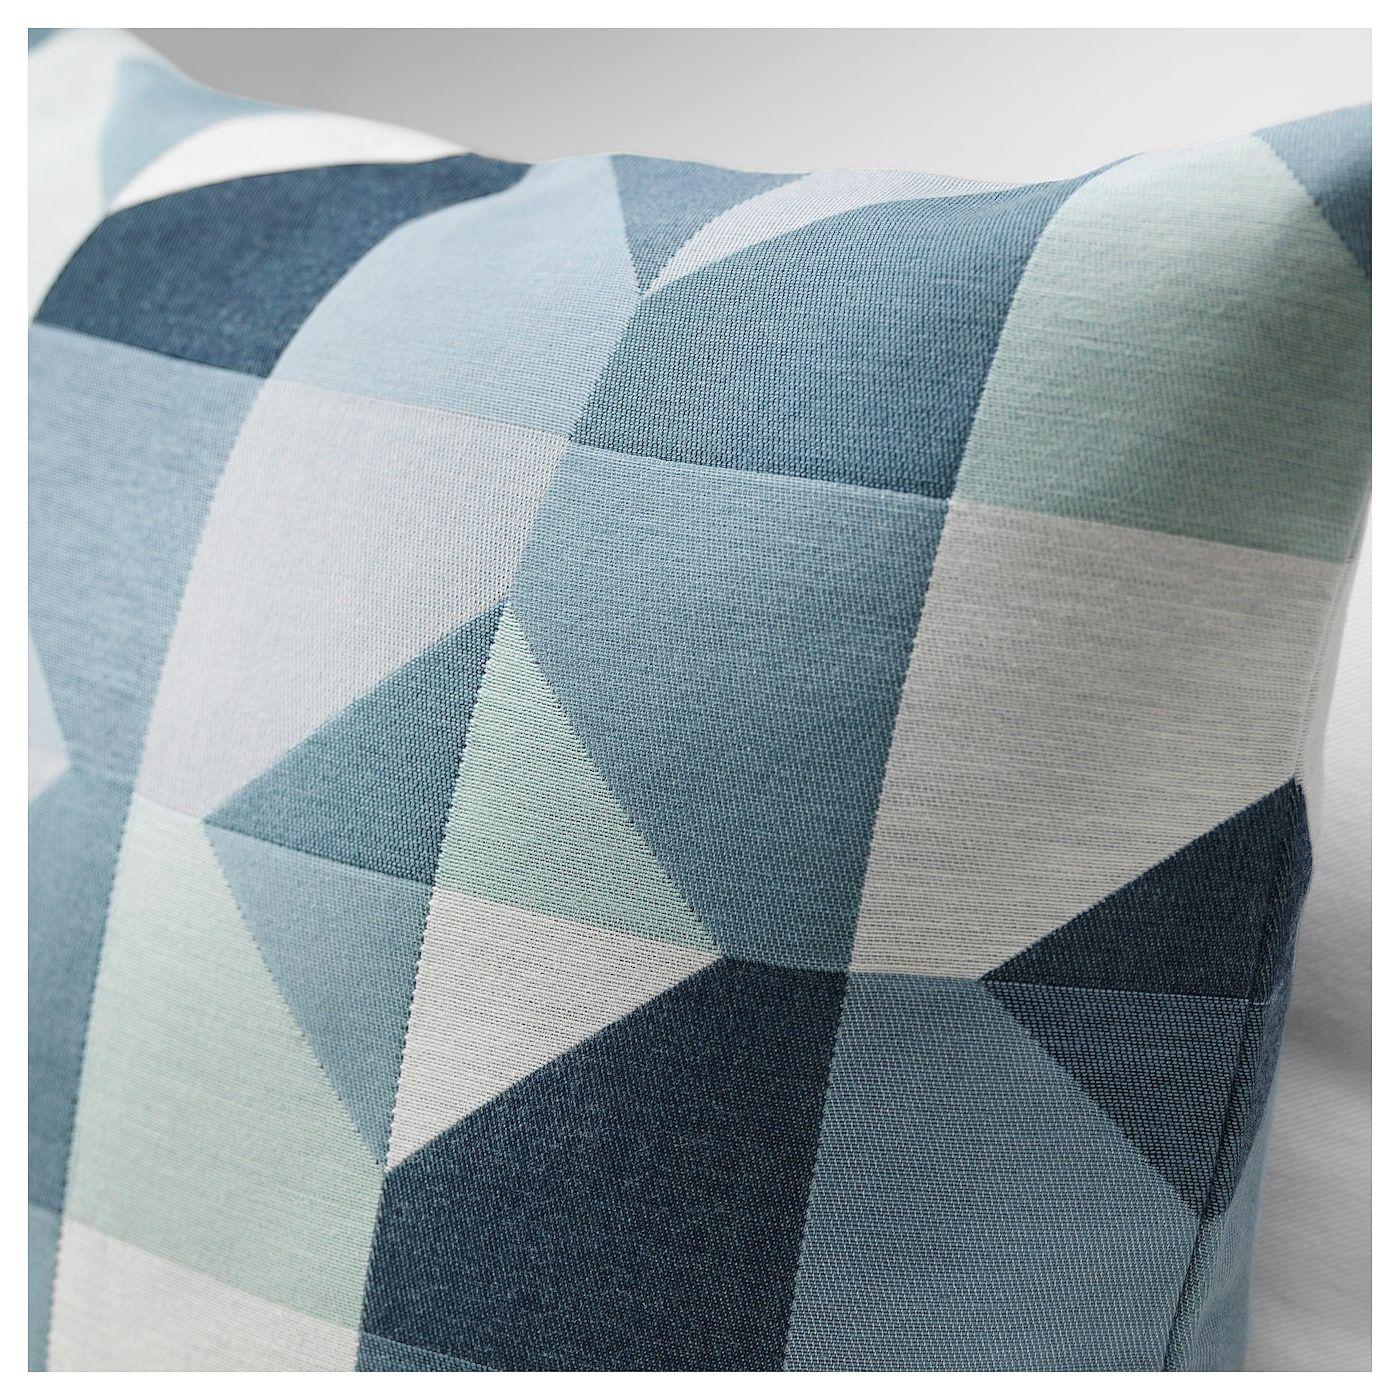 Svartho Cushion Cover Green Blue 20x20 50x50 Cm Ikea